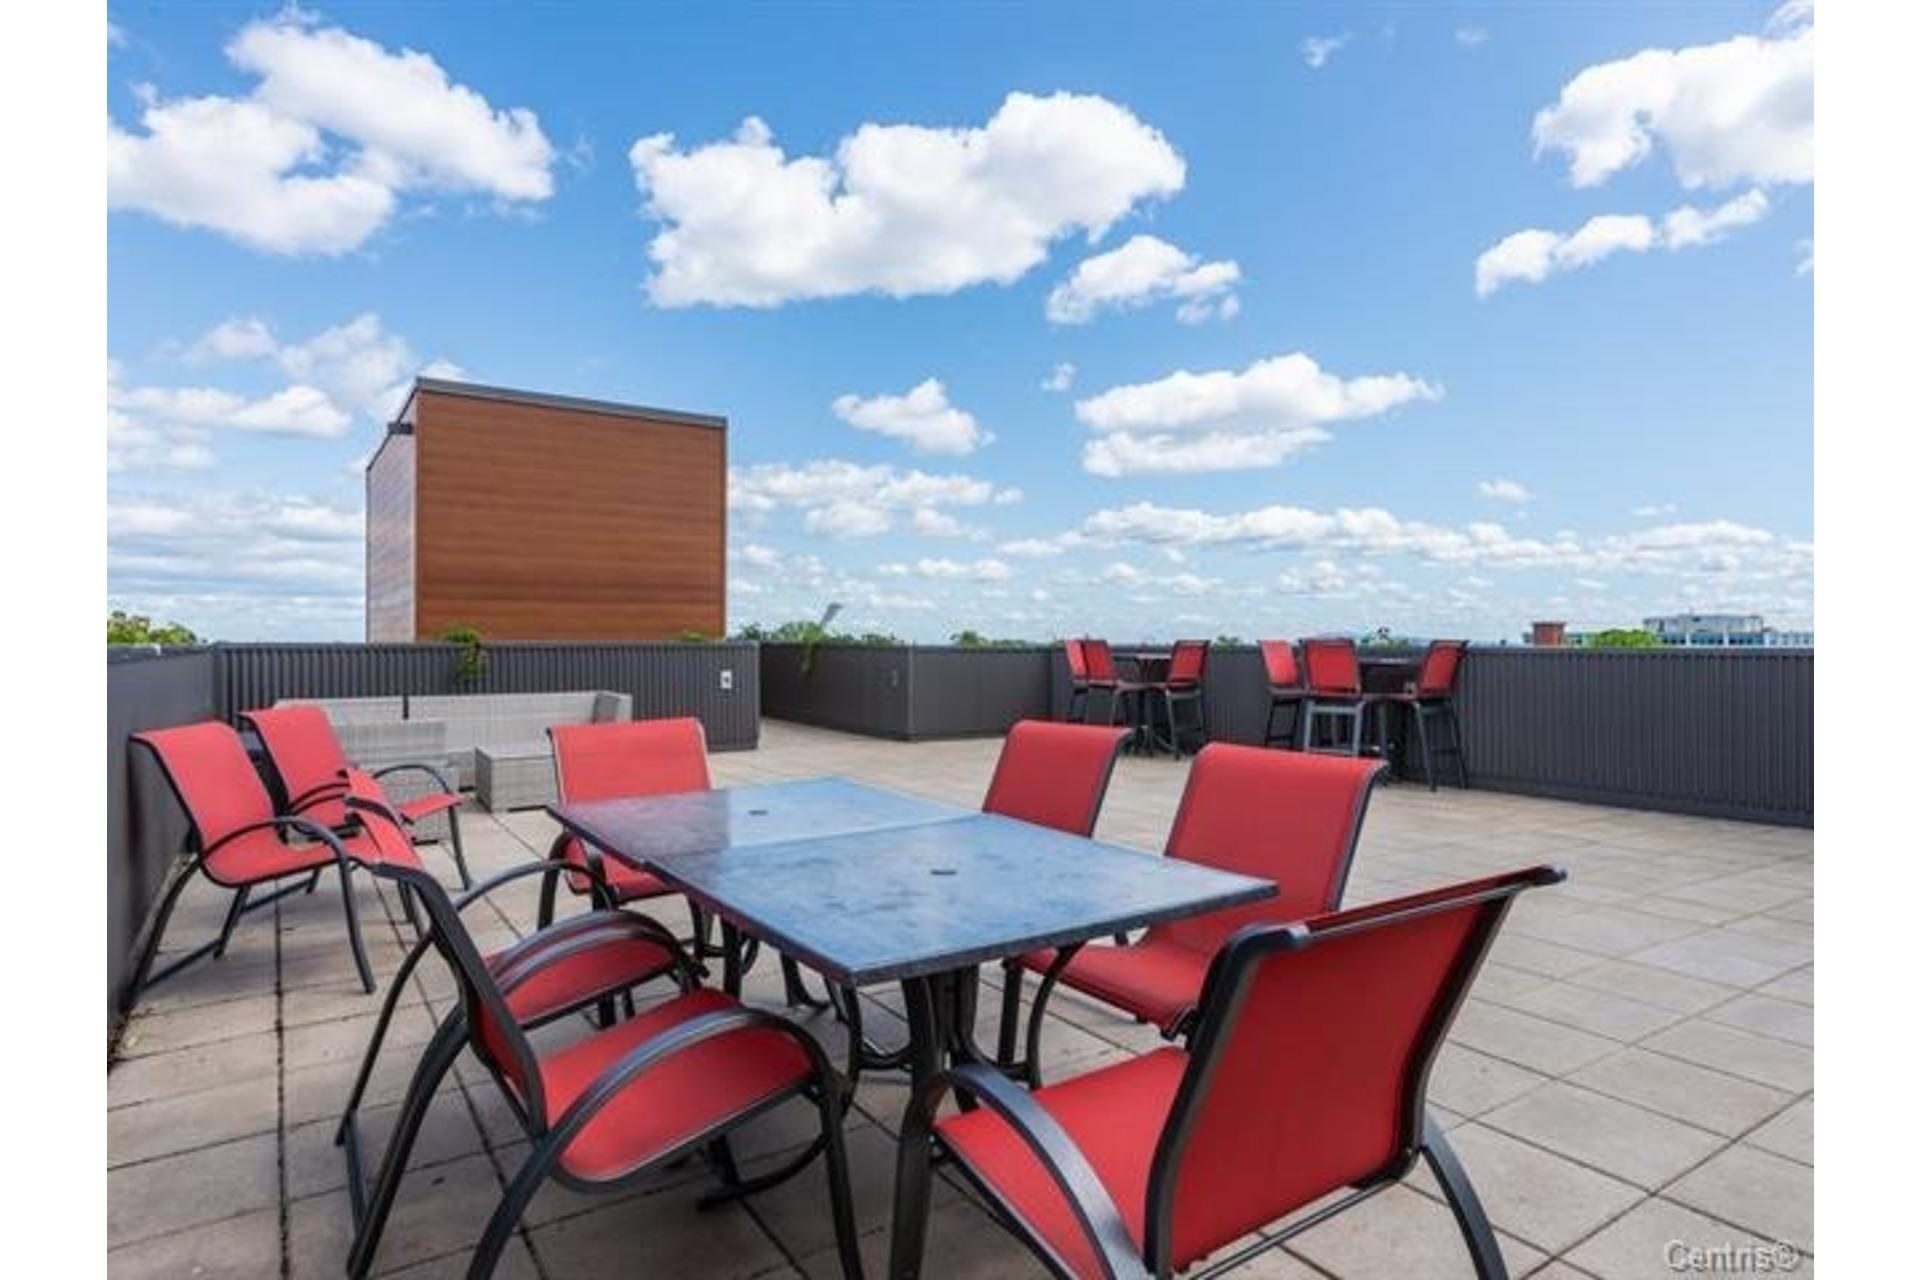 image 18 - Appartement À vendre Rosemont/La Petite-Patrie Montréal  - 4 pièces